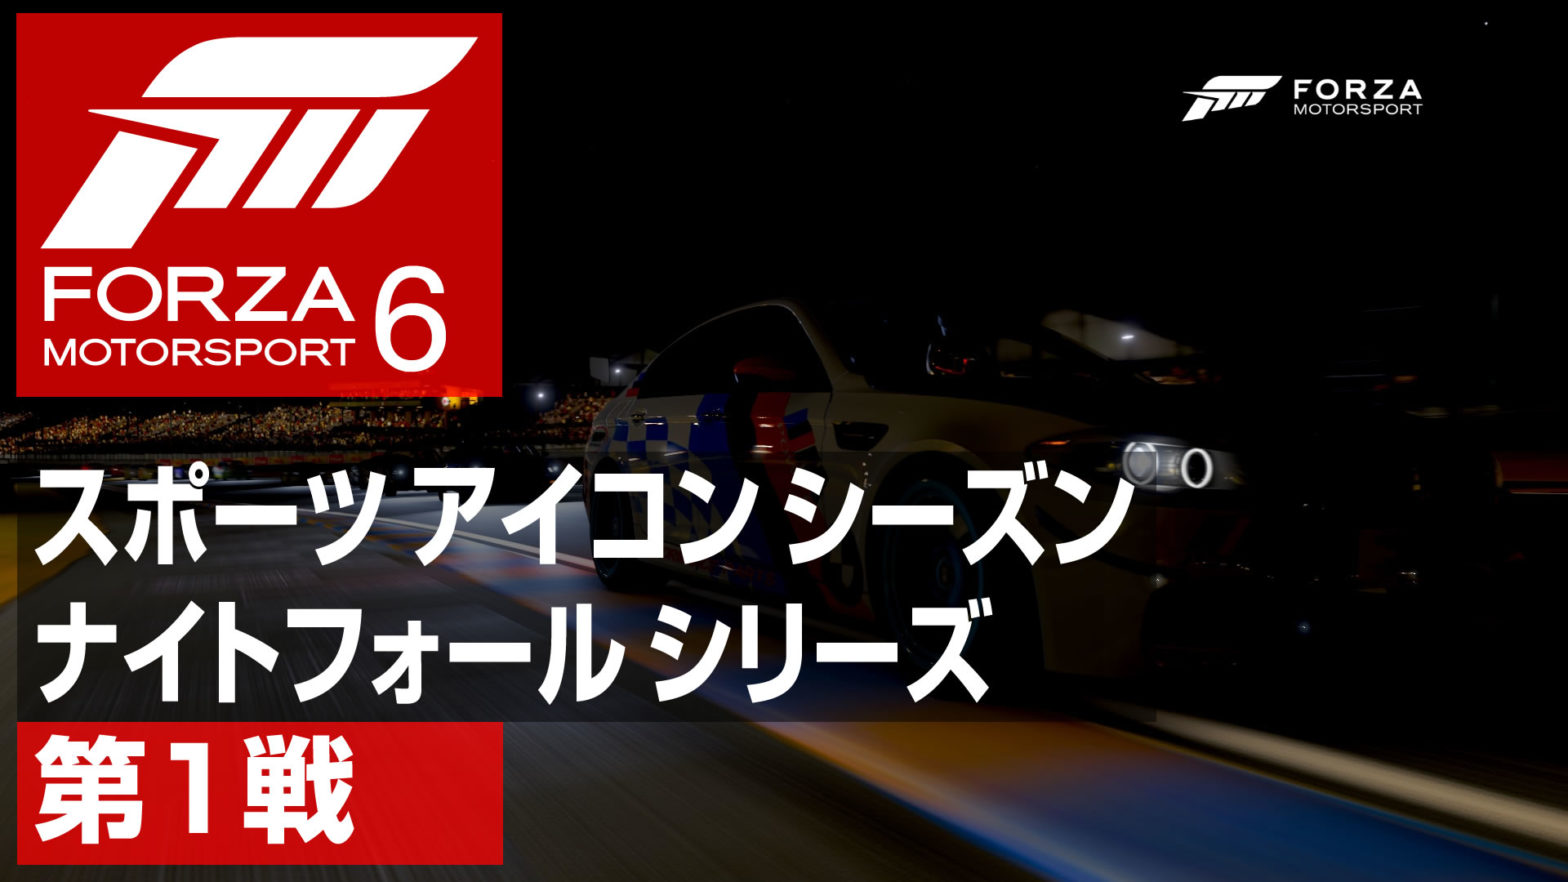 【動画】Forza Motorsport 6 スポーツアイコンシーズン ナイトフォールシリーズ第1戦